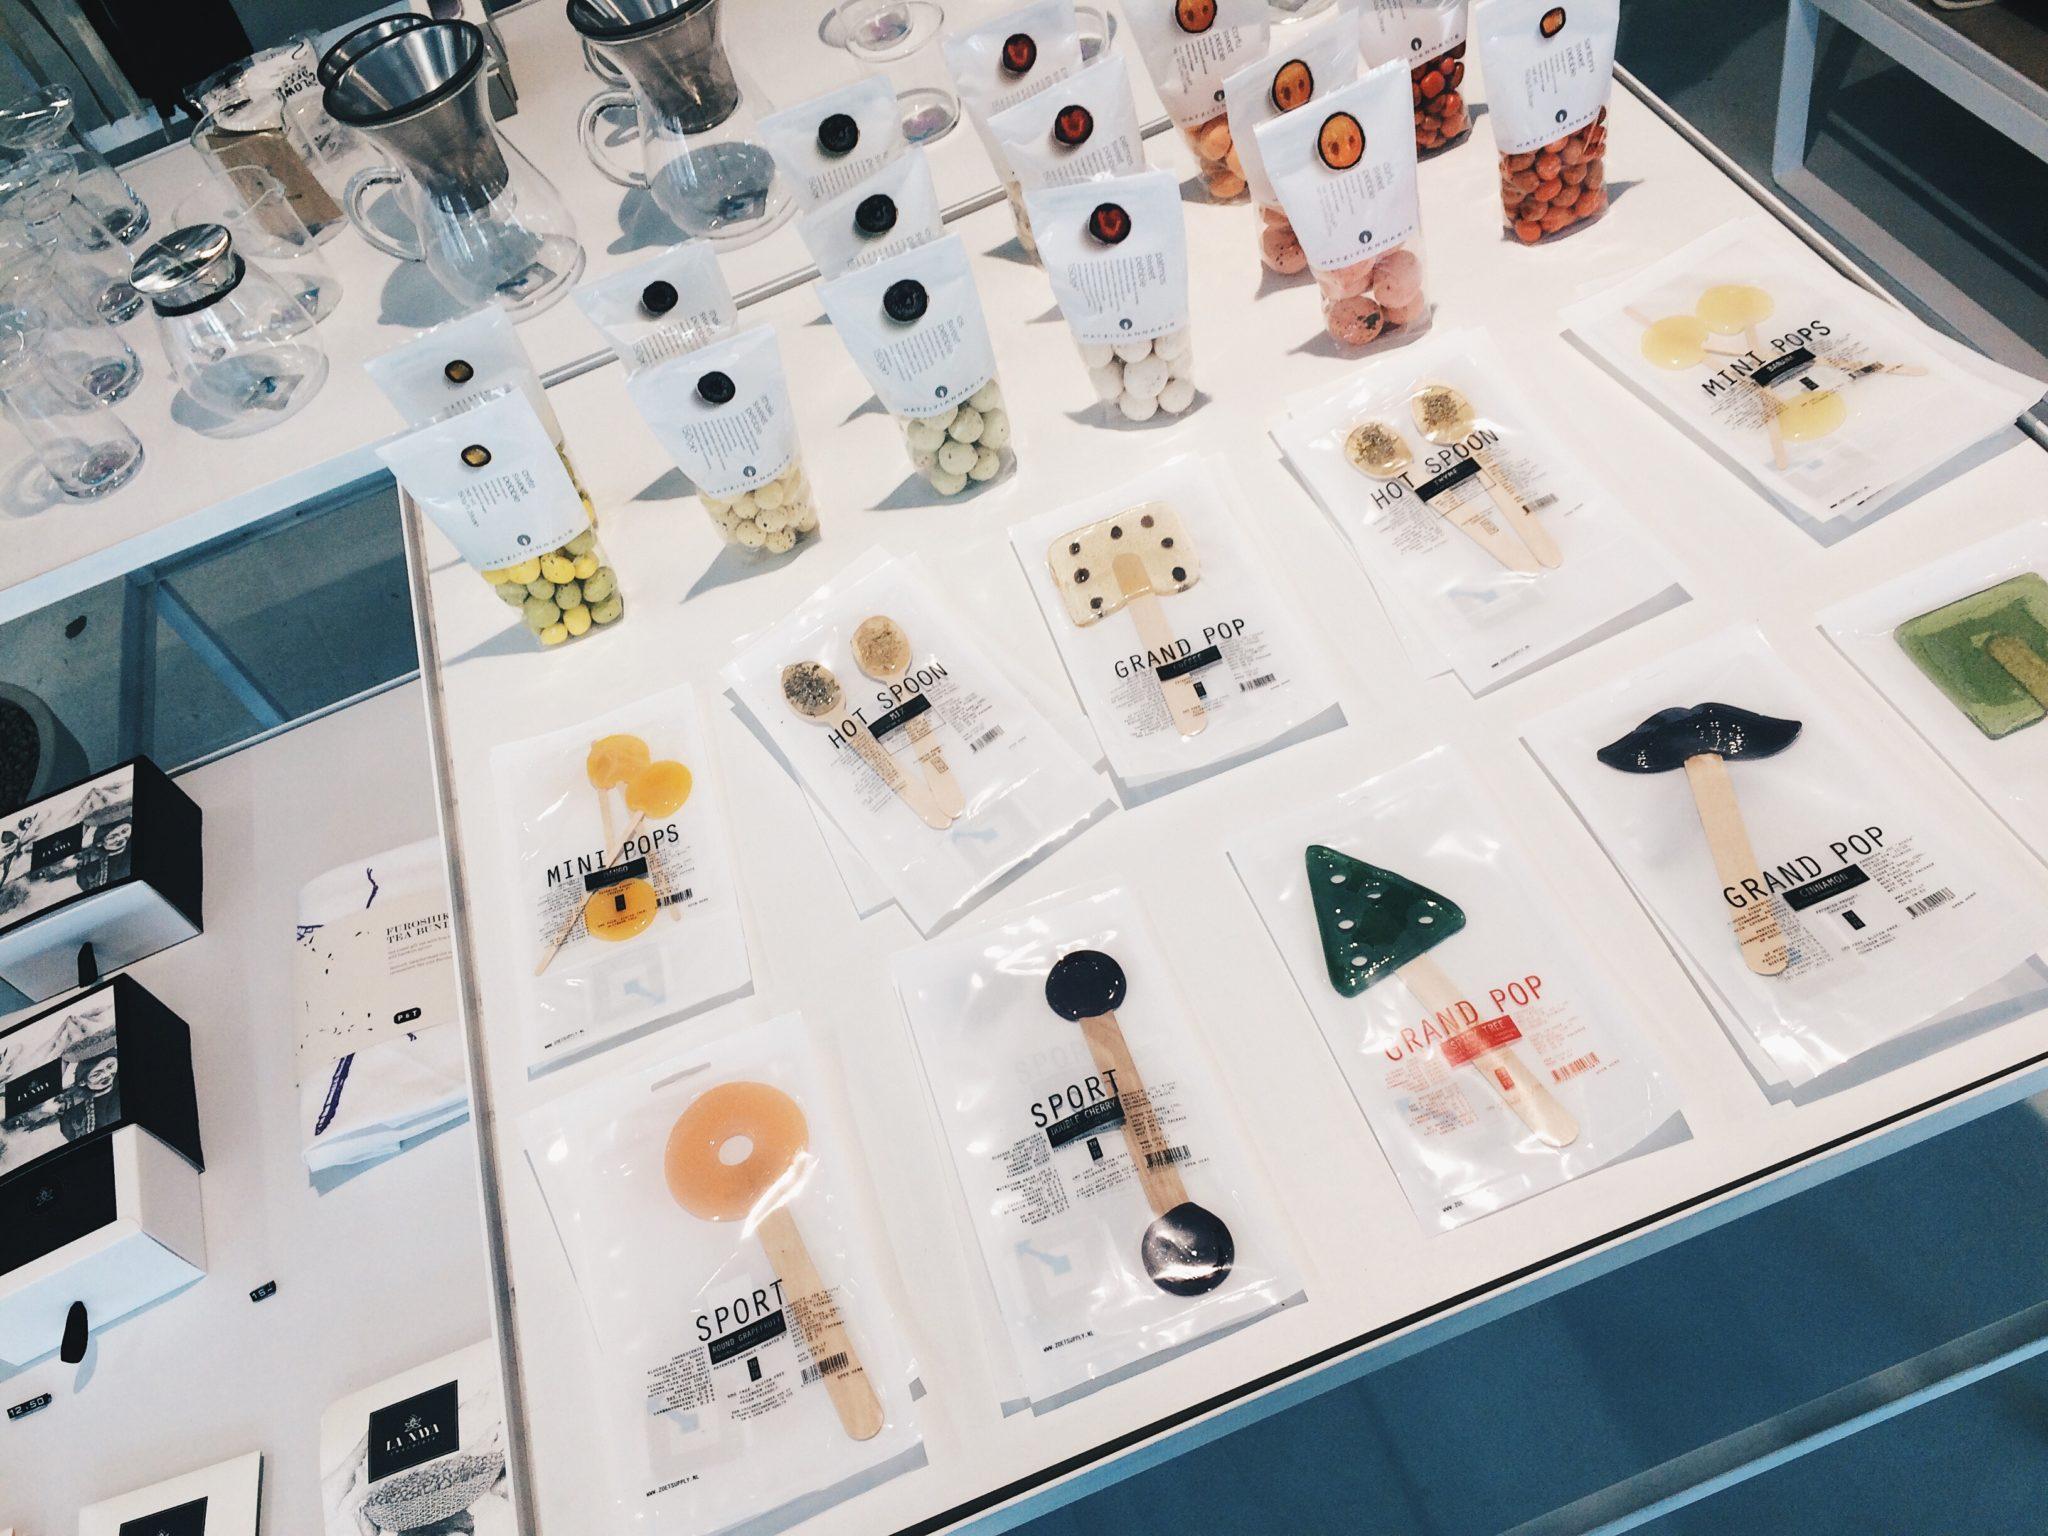 Hutspot Ротердам Концептуален магазин с холандски интериорен дизайн, мода и аксесоари от Quite a Looker български лайфстайл блог със съвети за пътуване в Холандия